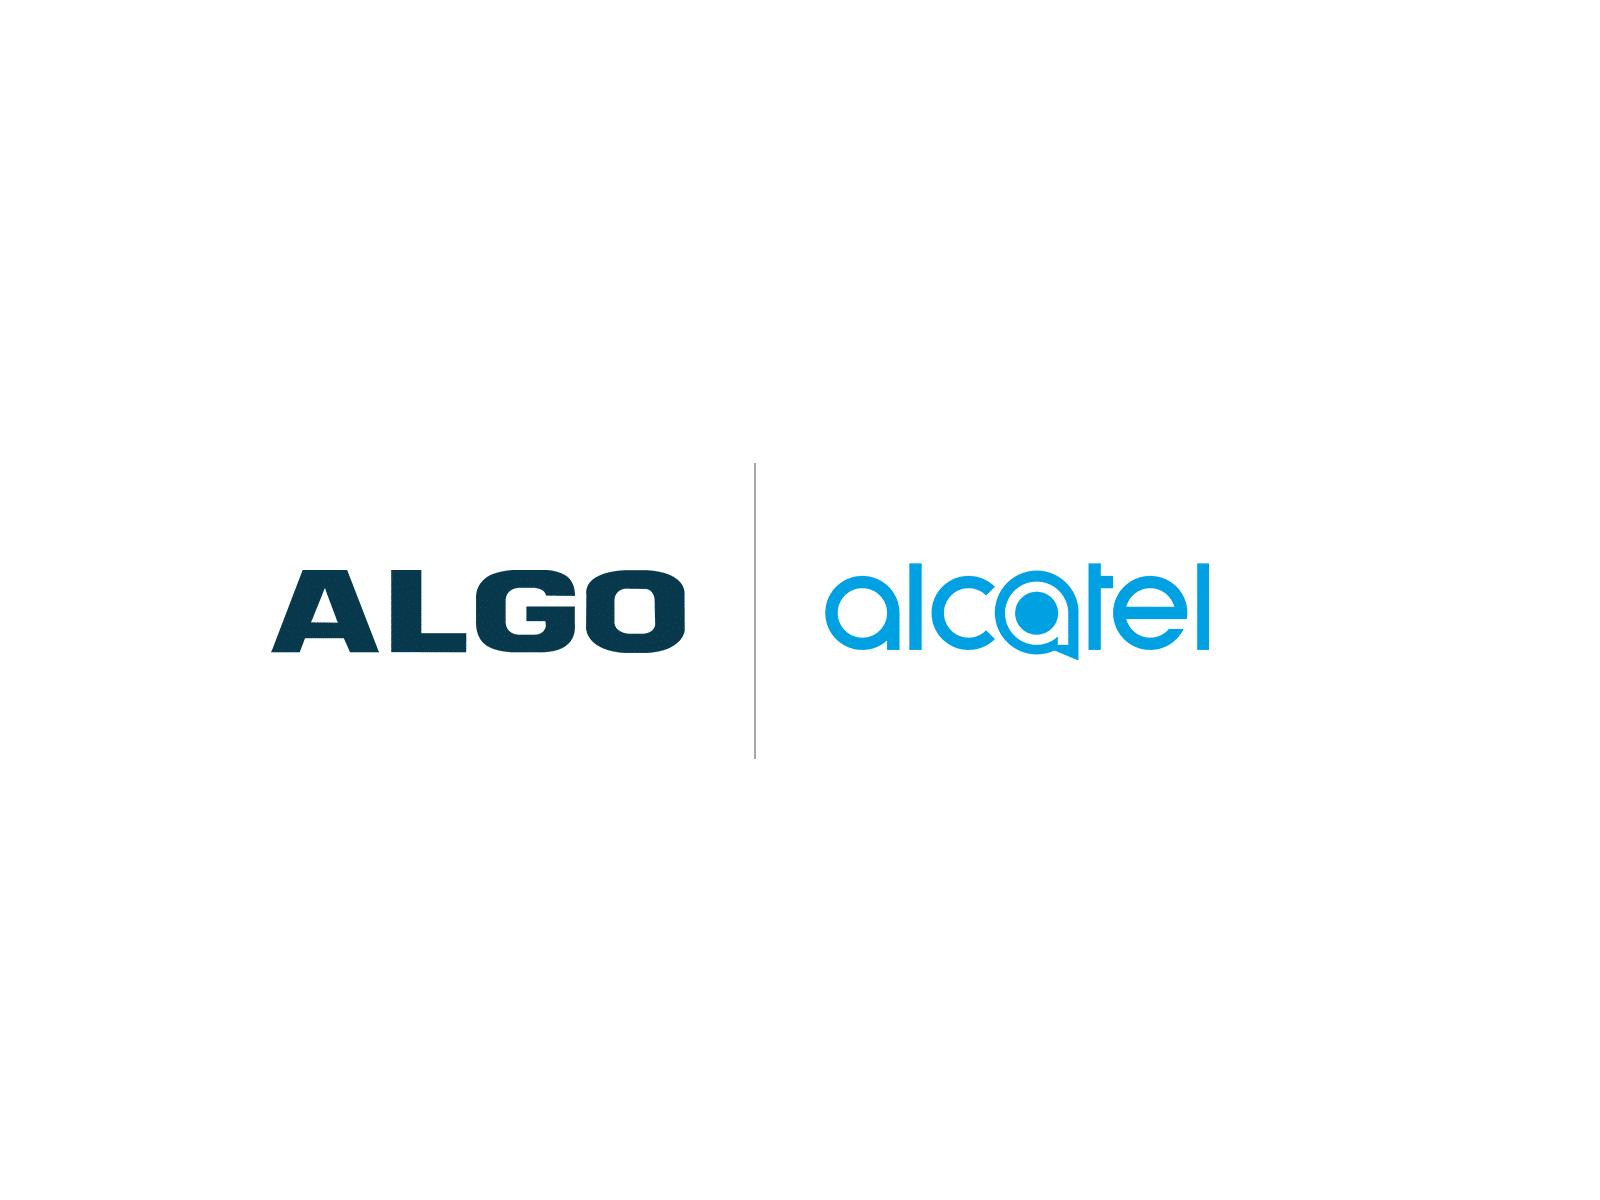 Algo Alcatel Compatibility Logo